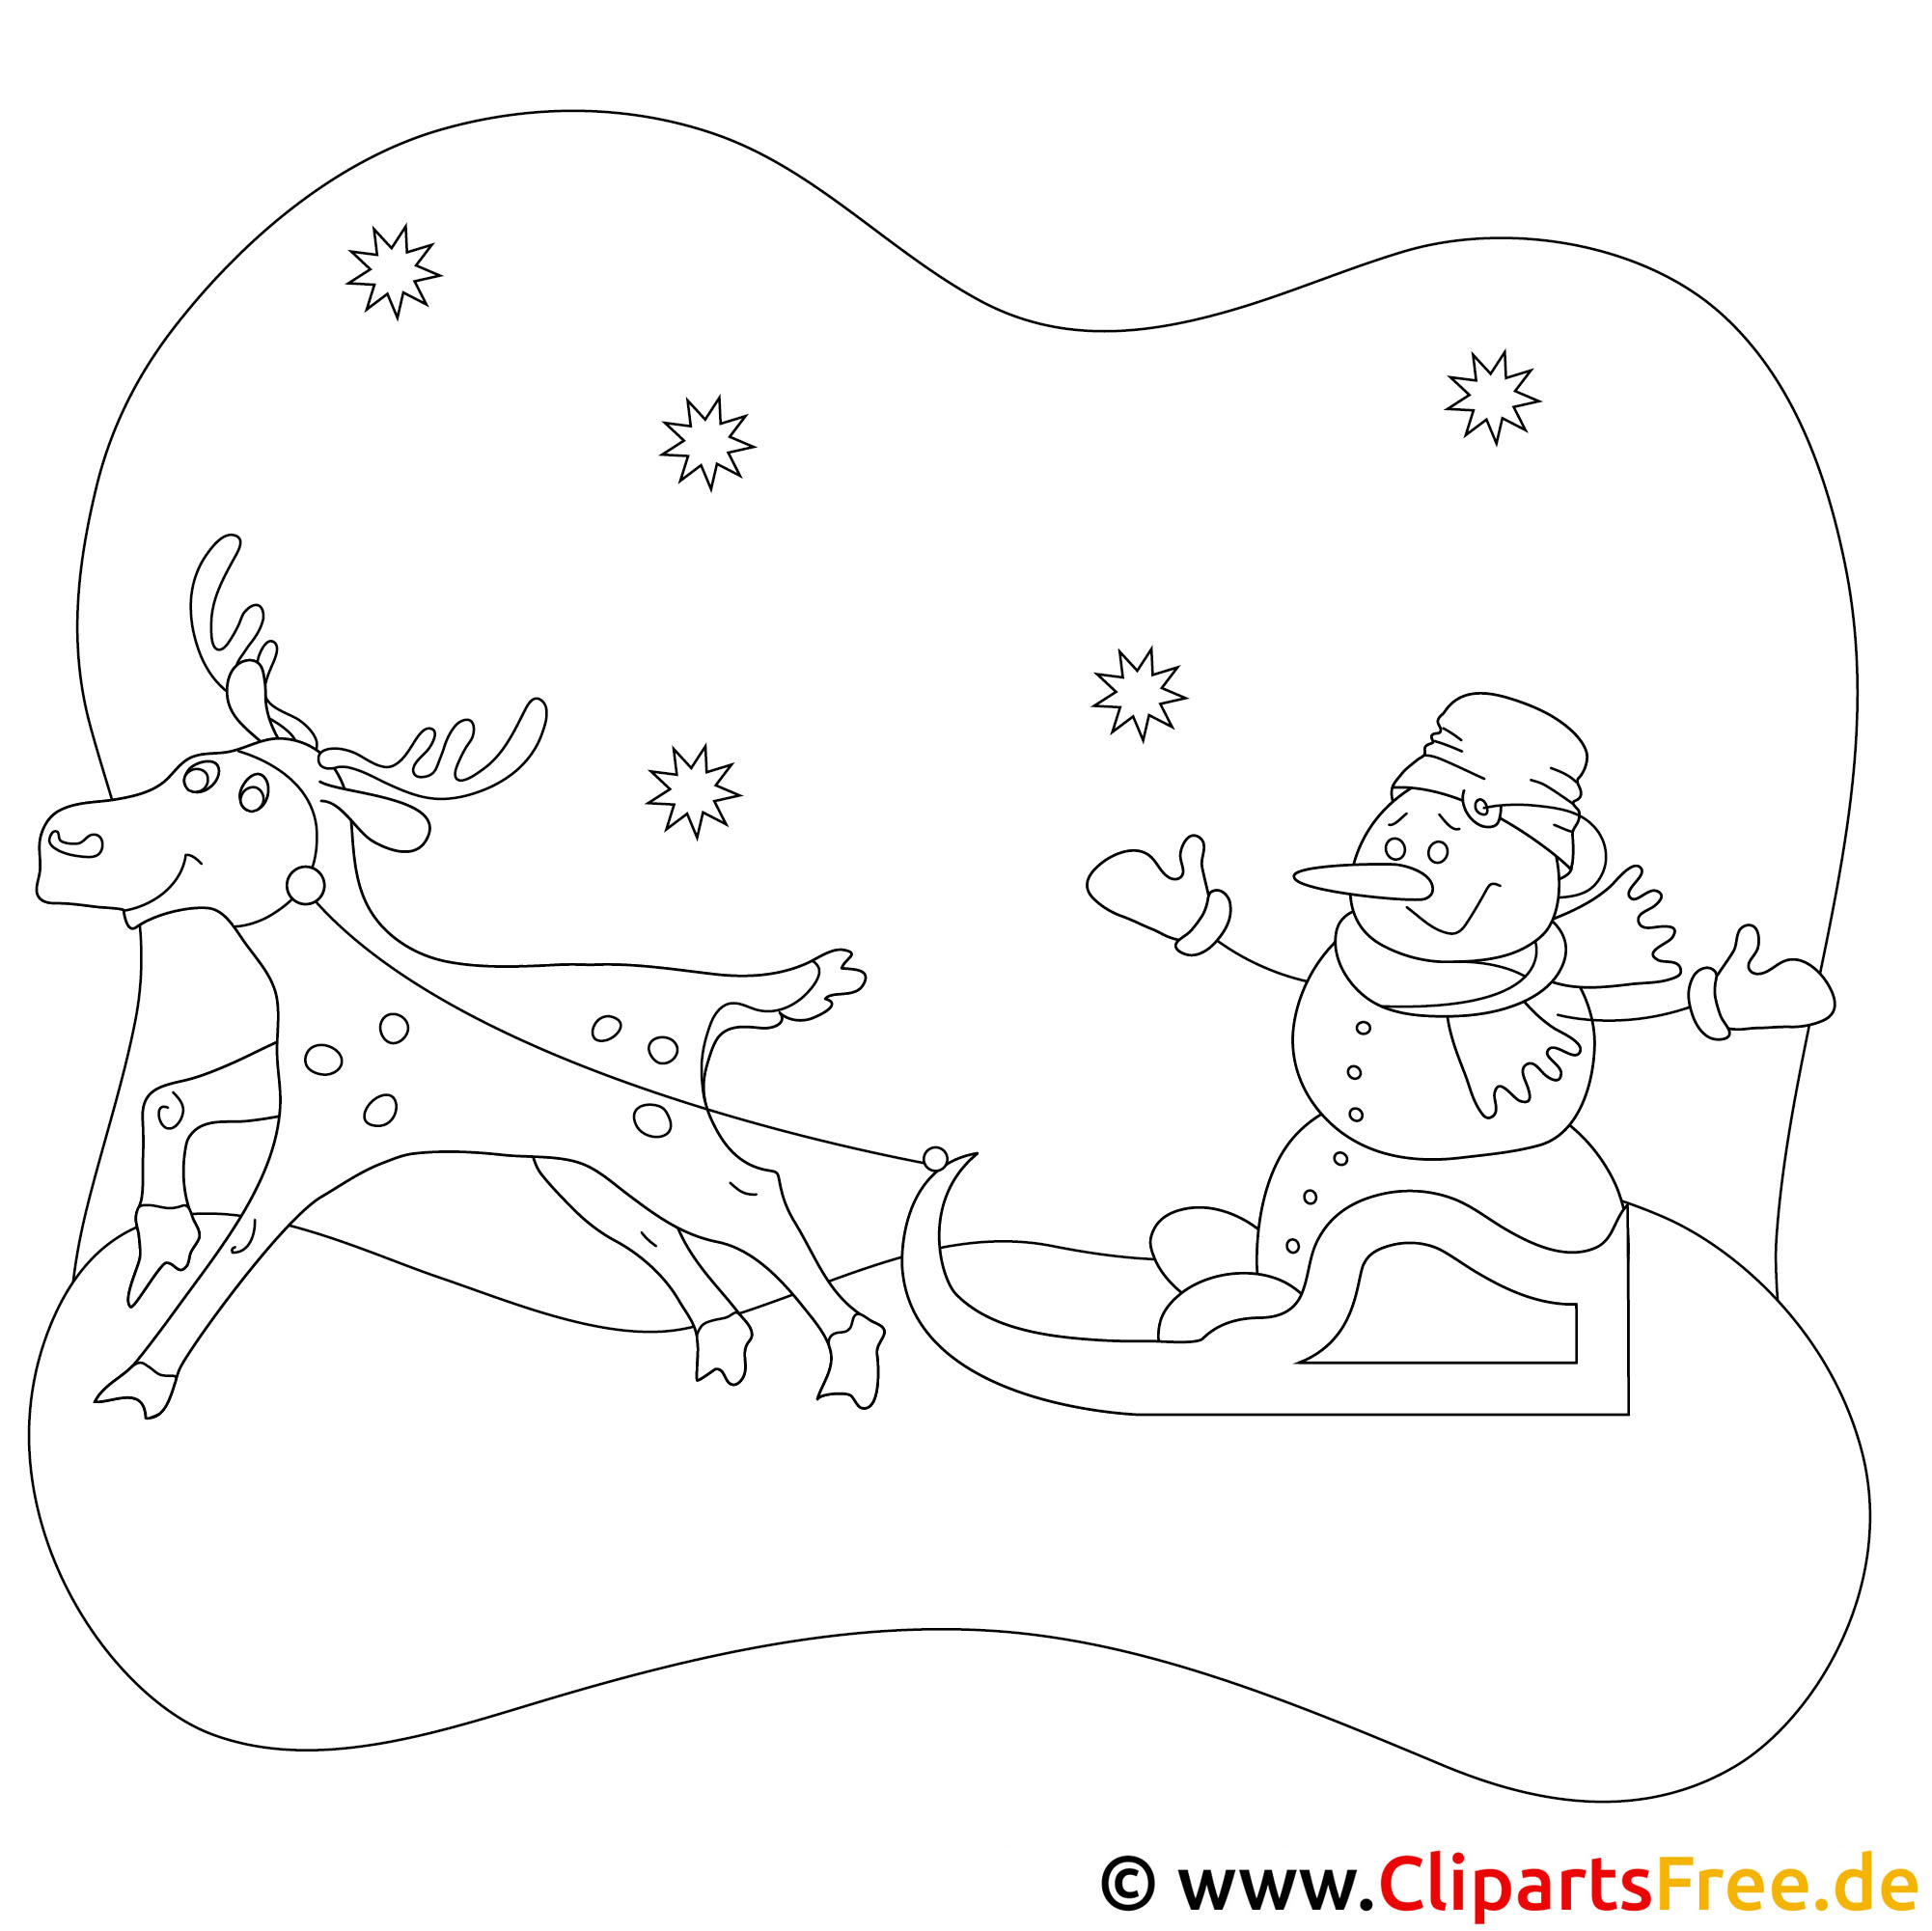 rentier malvorlage zu weihnachten. Black Bedroom Furniture Sets. Home Design Ideas